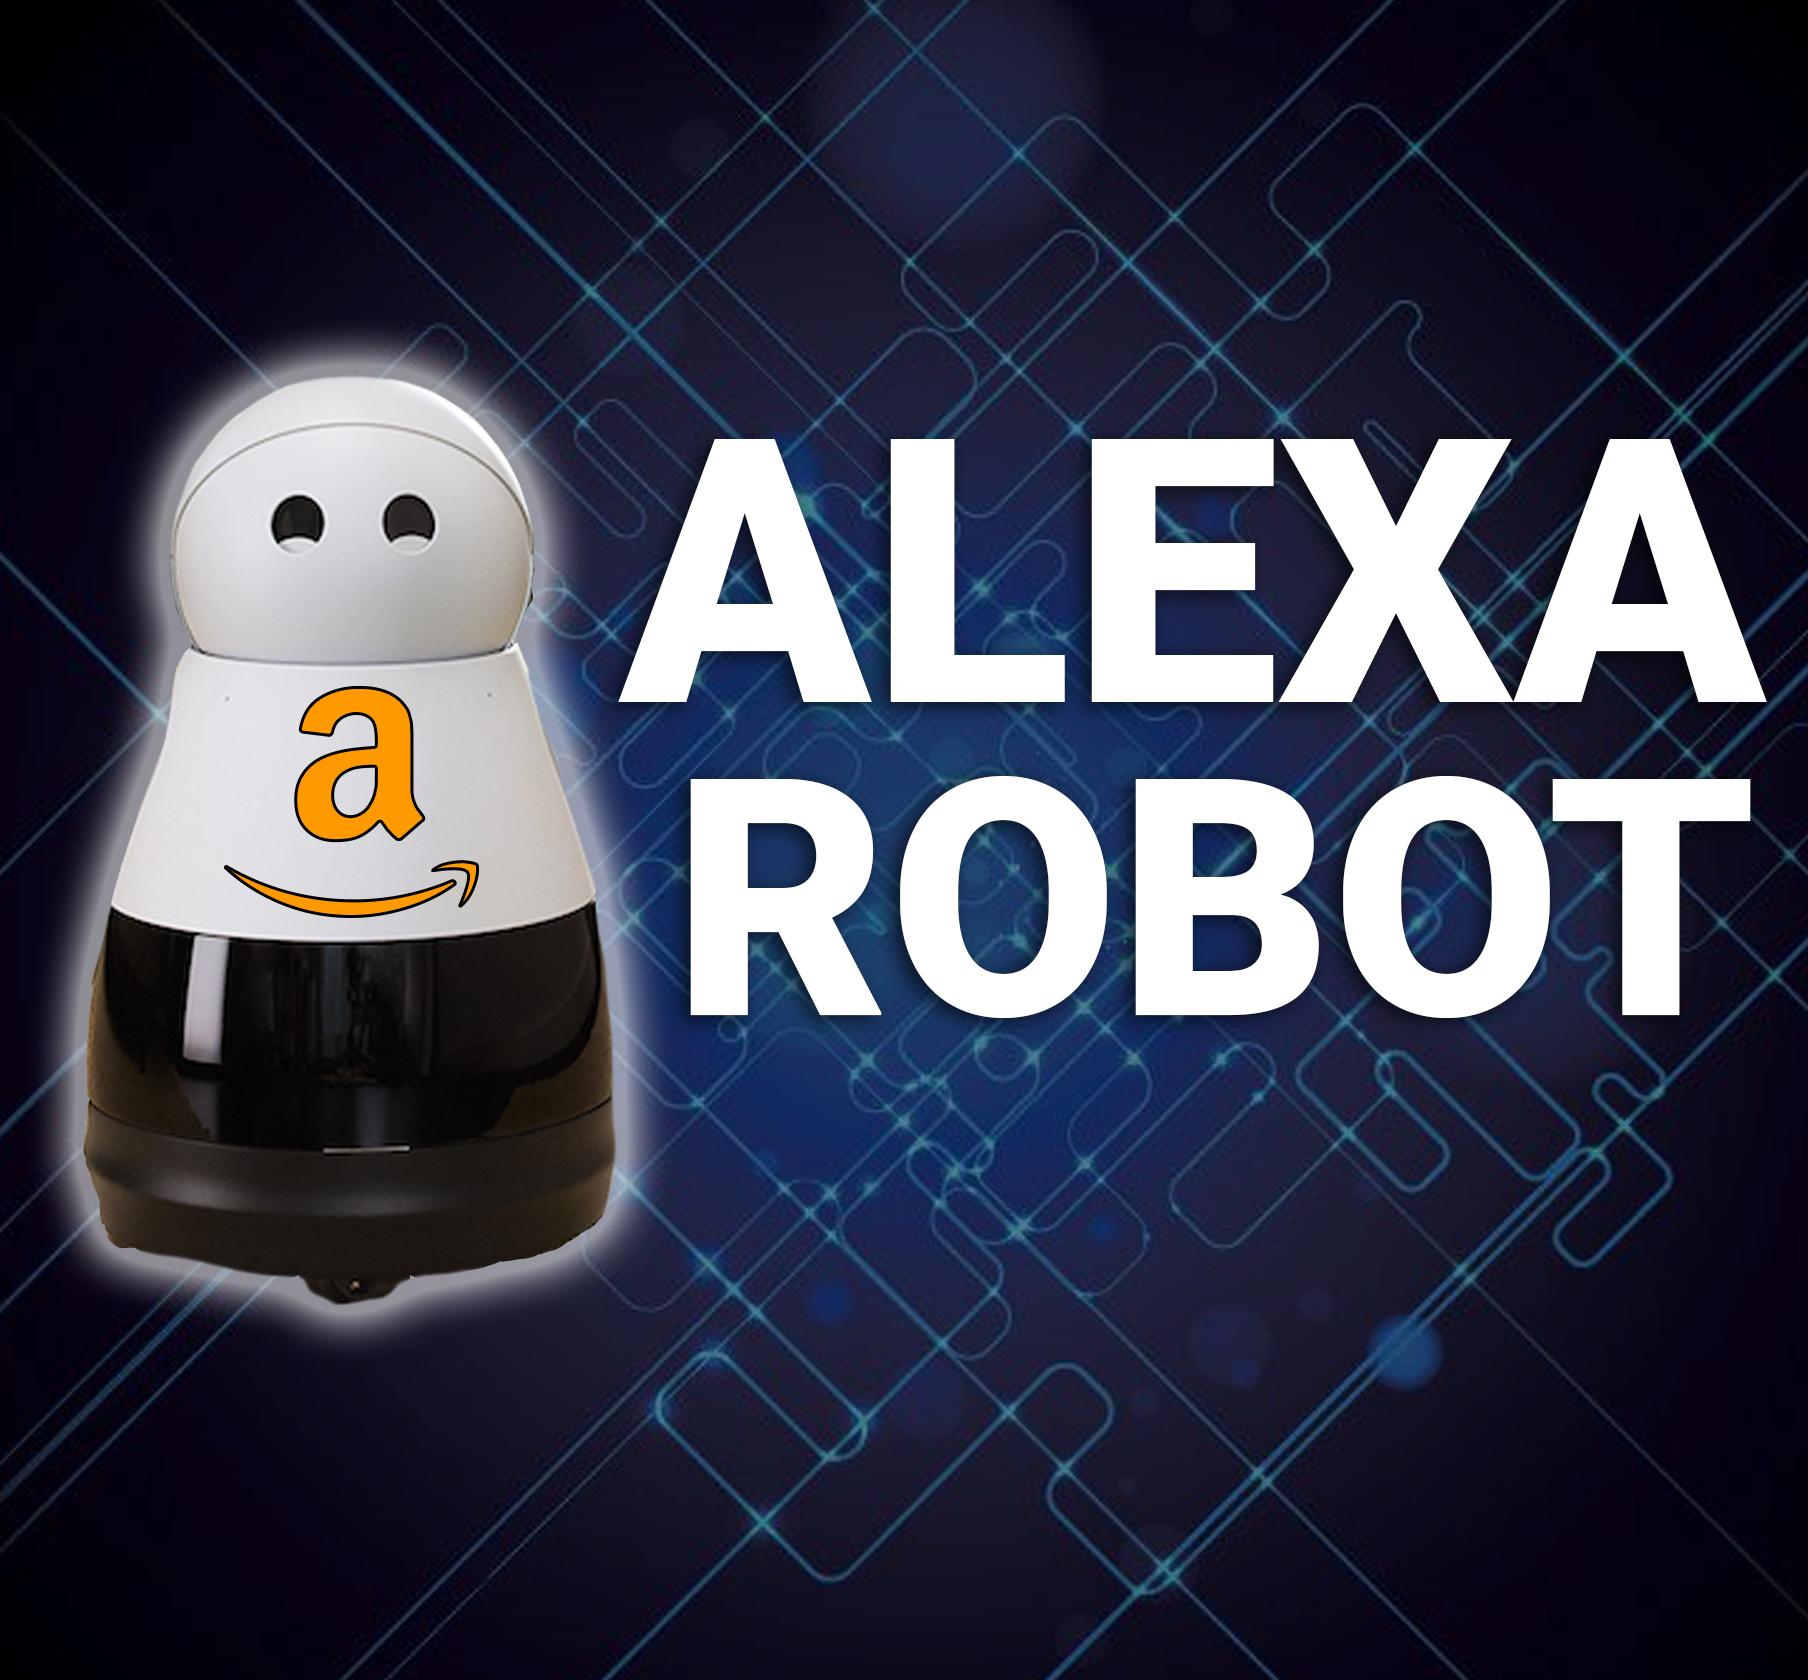 alexa-robot.png